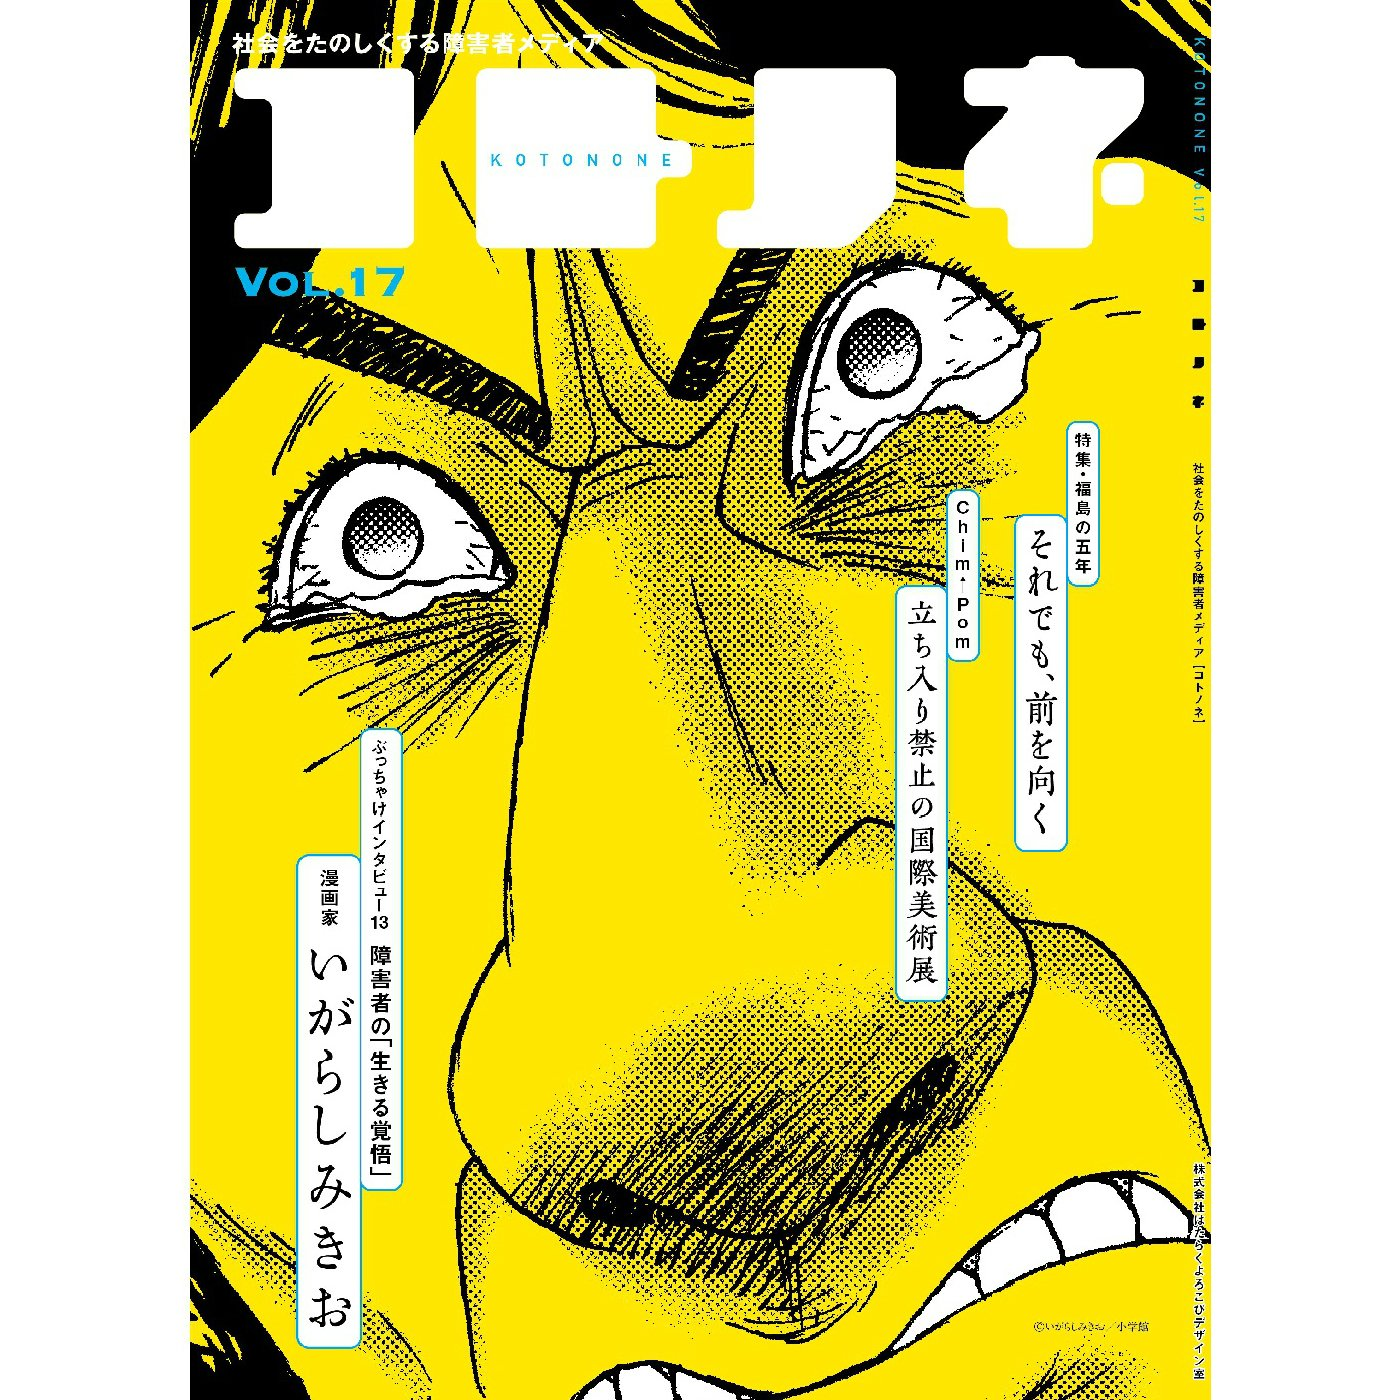 社会をたのしくする障害者メディア 雑誌 コトノネ Vol.17